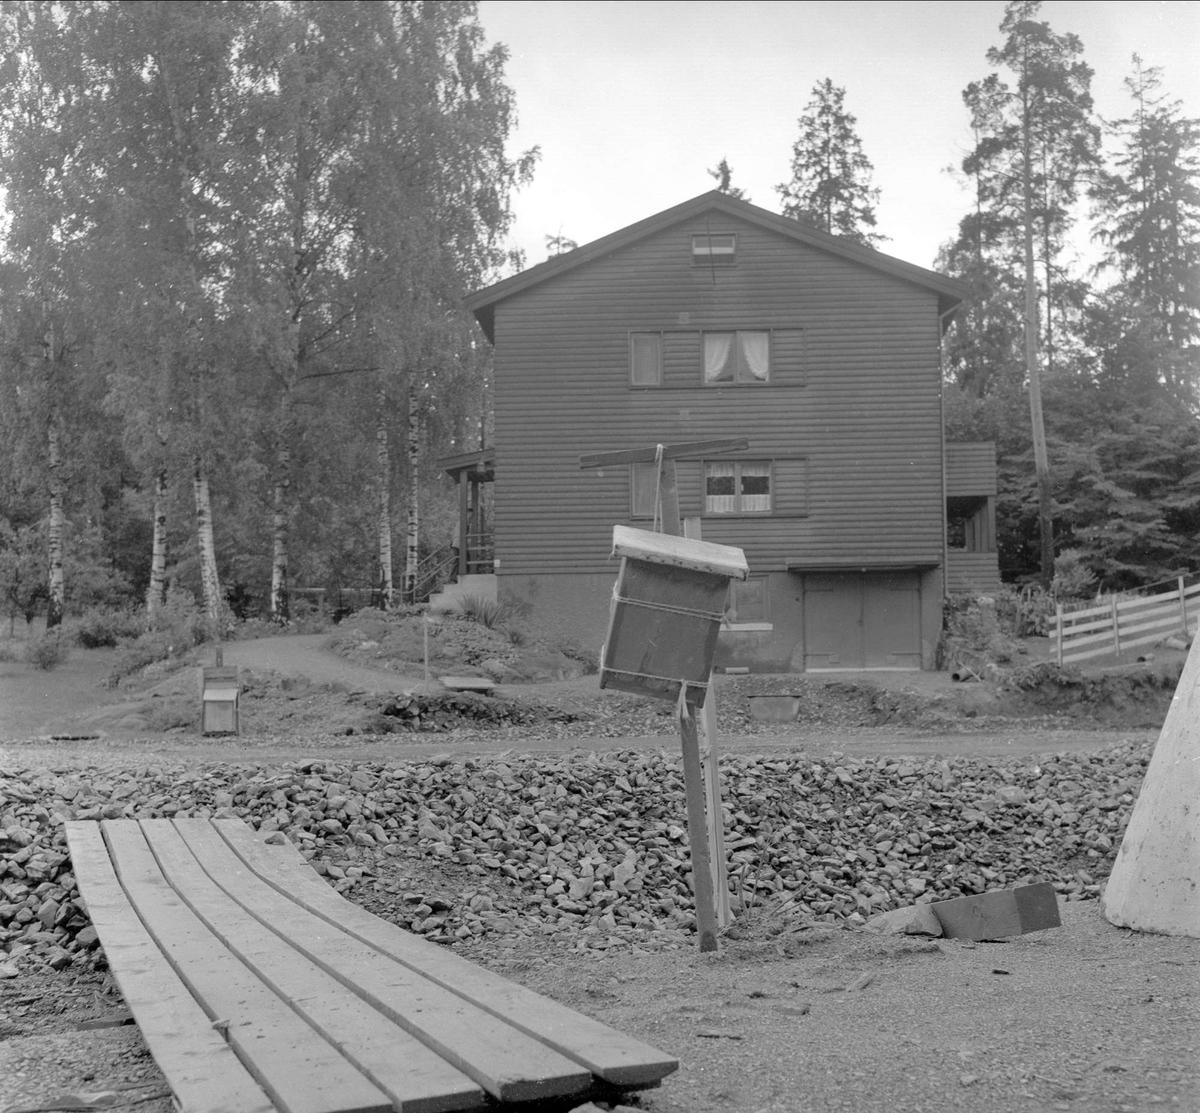 Fornebulandet, Bærum, Akershus, 15.09.1957. Bolig.